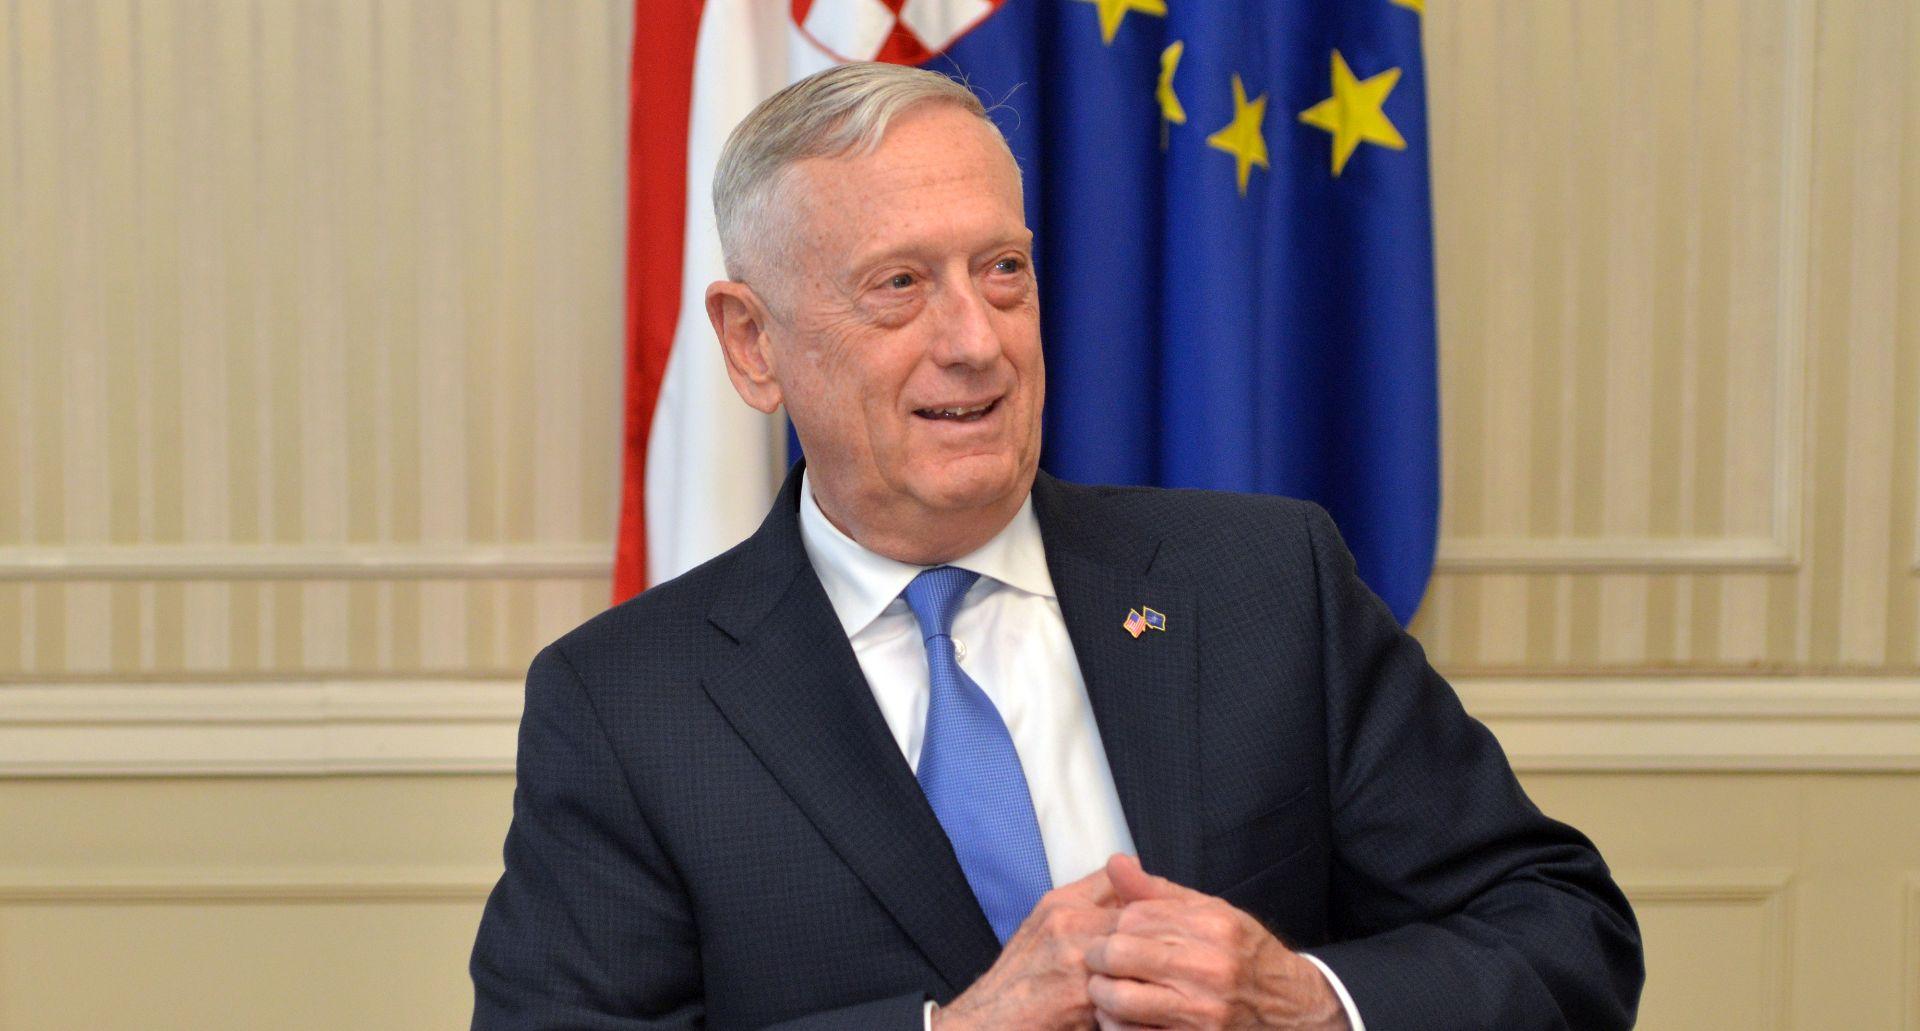 Predsjednica razgovarala s američkim ministrom obrane Mattisom